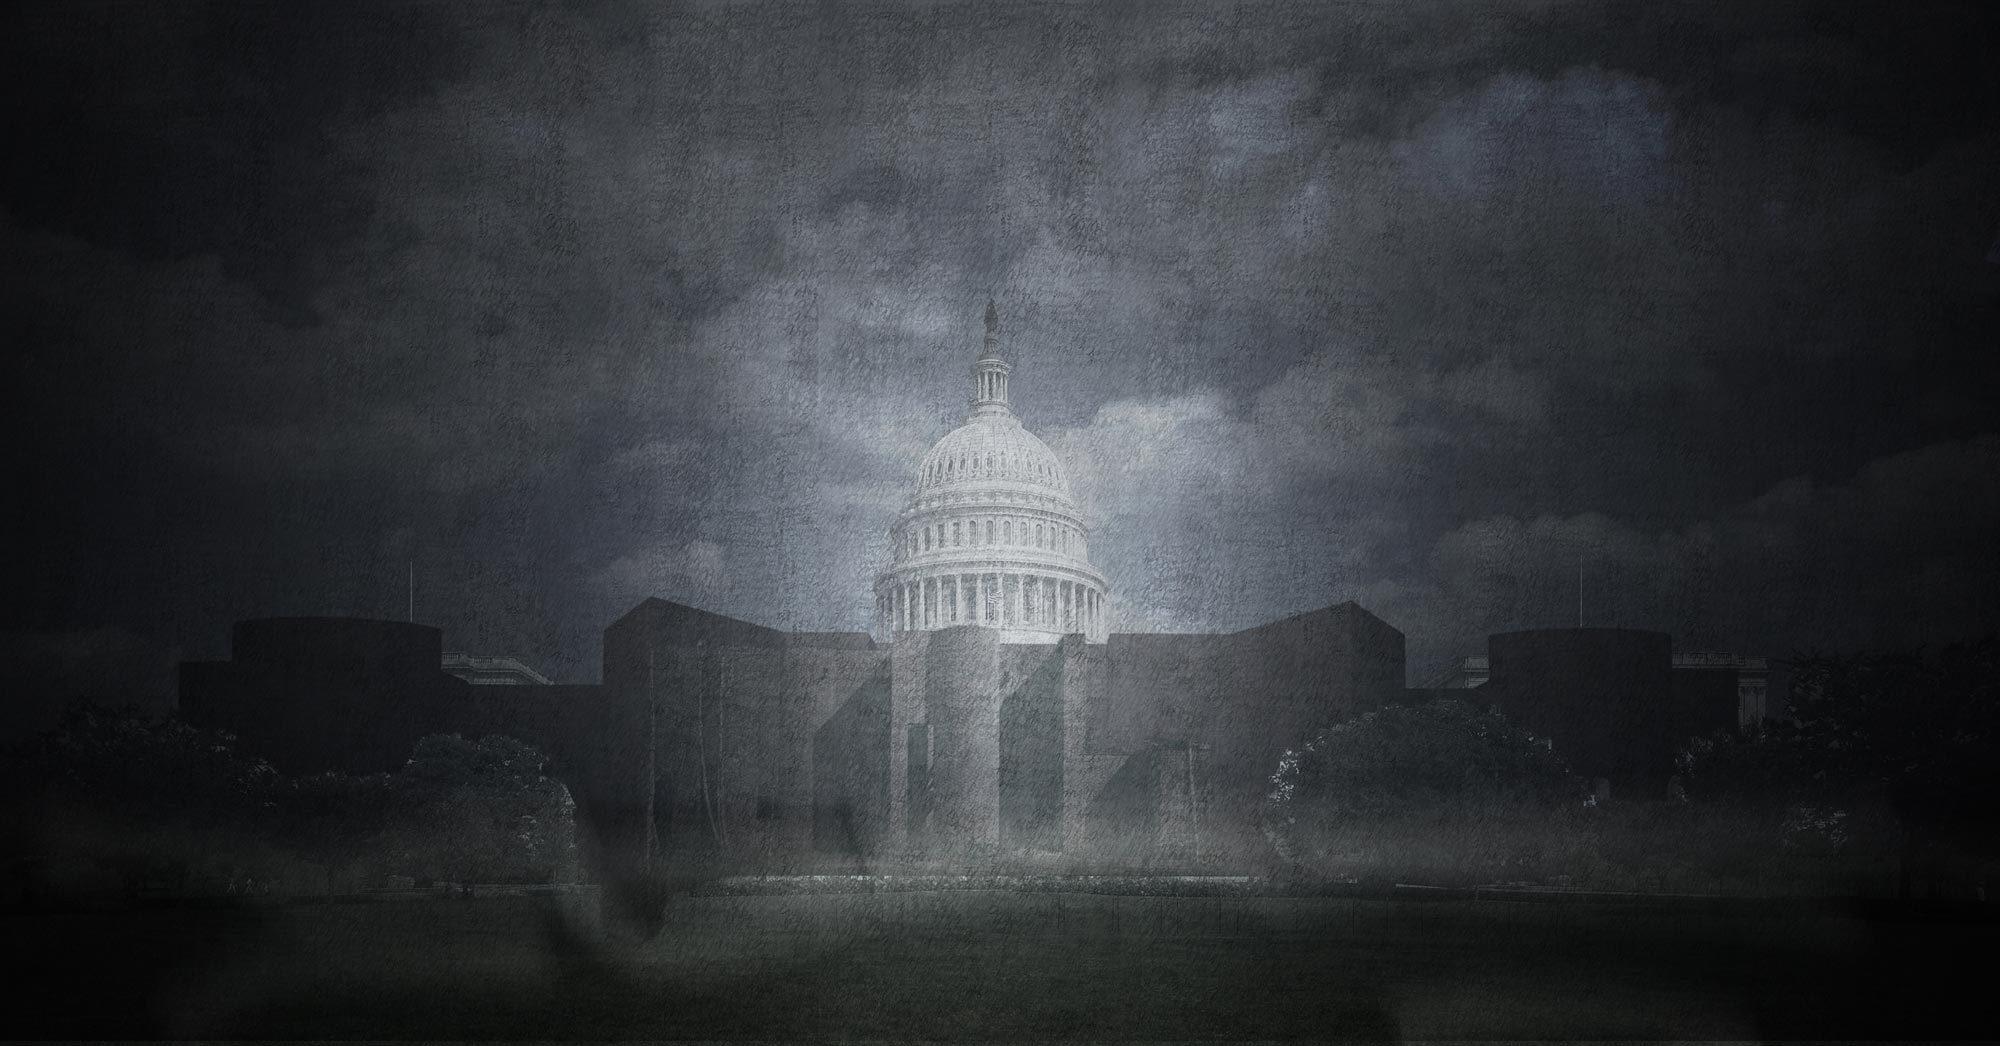 """""""Demokratie ist keine Festung! Der einzige Schutz von Demokratie liegt in gesellschaftlicher Gerechtigkeit, fairen Lebensbedingungen, fairen Löhnen und echter sozialer Perspektive!"""", schreibt Benedikt Hartl über seinen Entwurf Capitol Castle. Visualisierung: Opposite Office"""